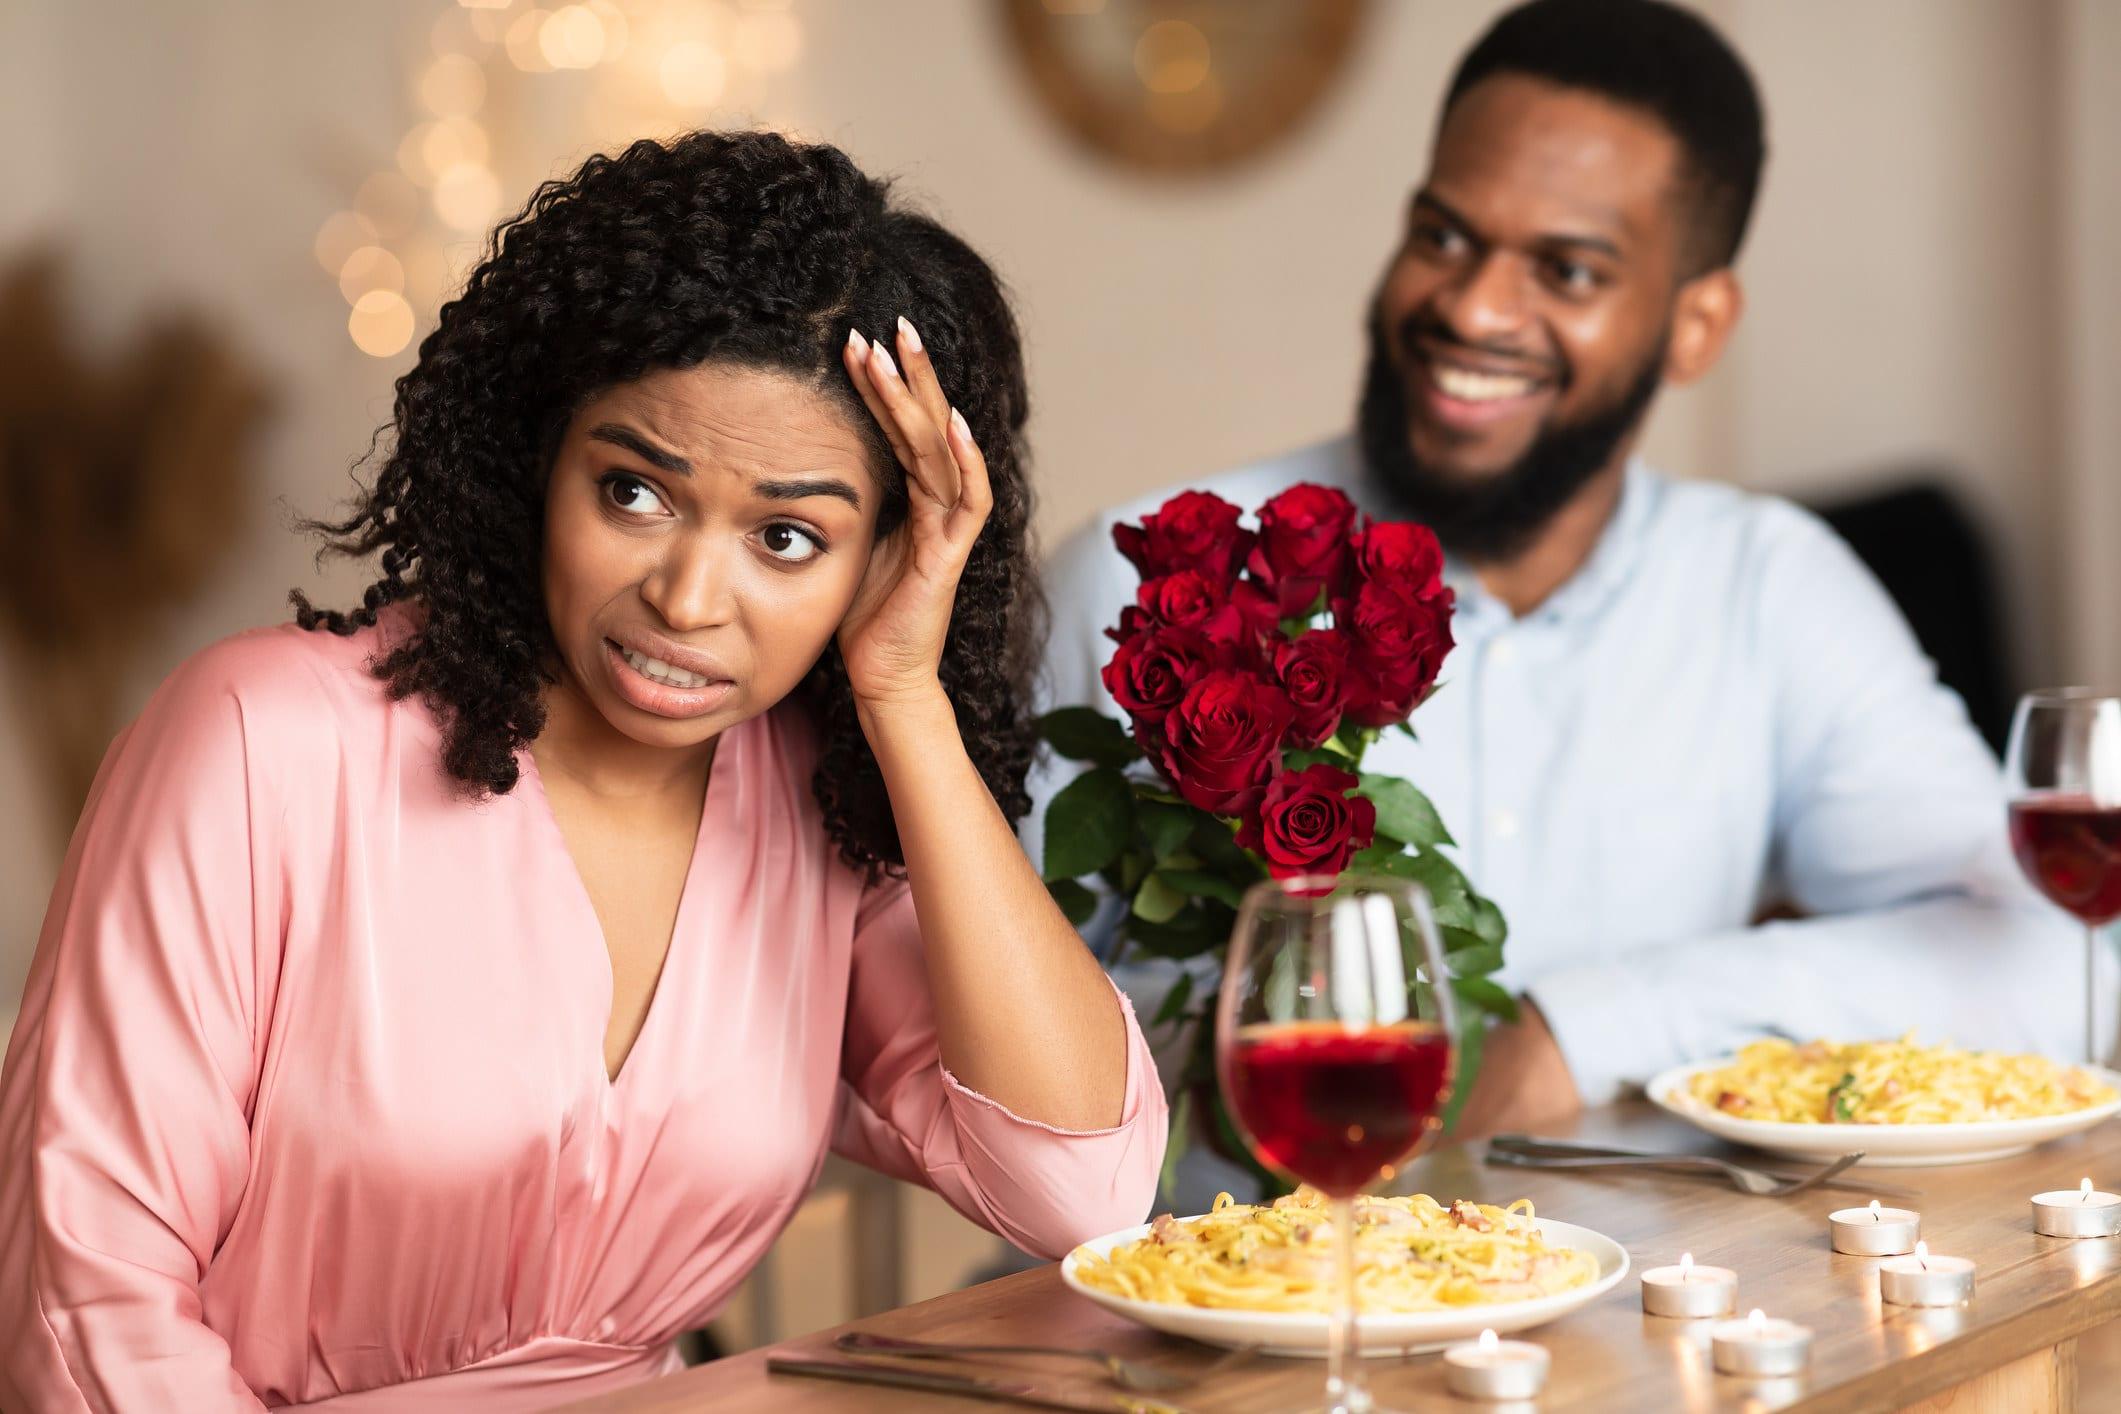 mulher com expressão preocupada de costas para homem sorridente